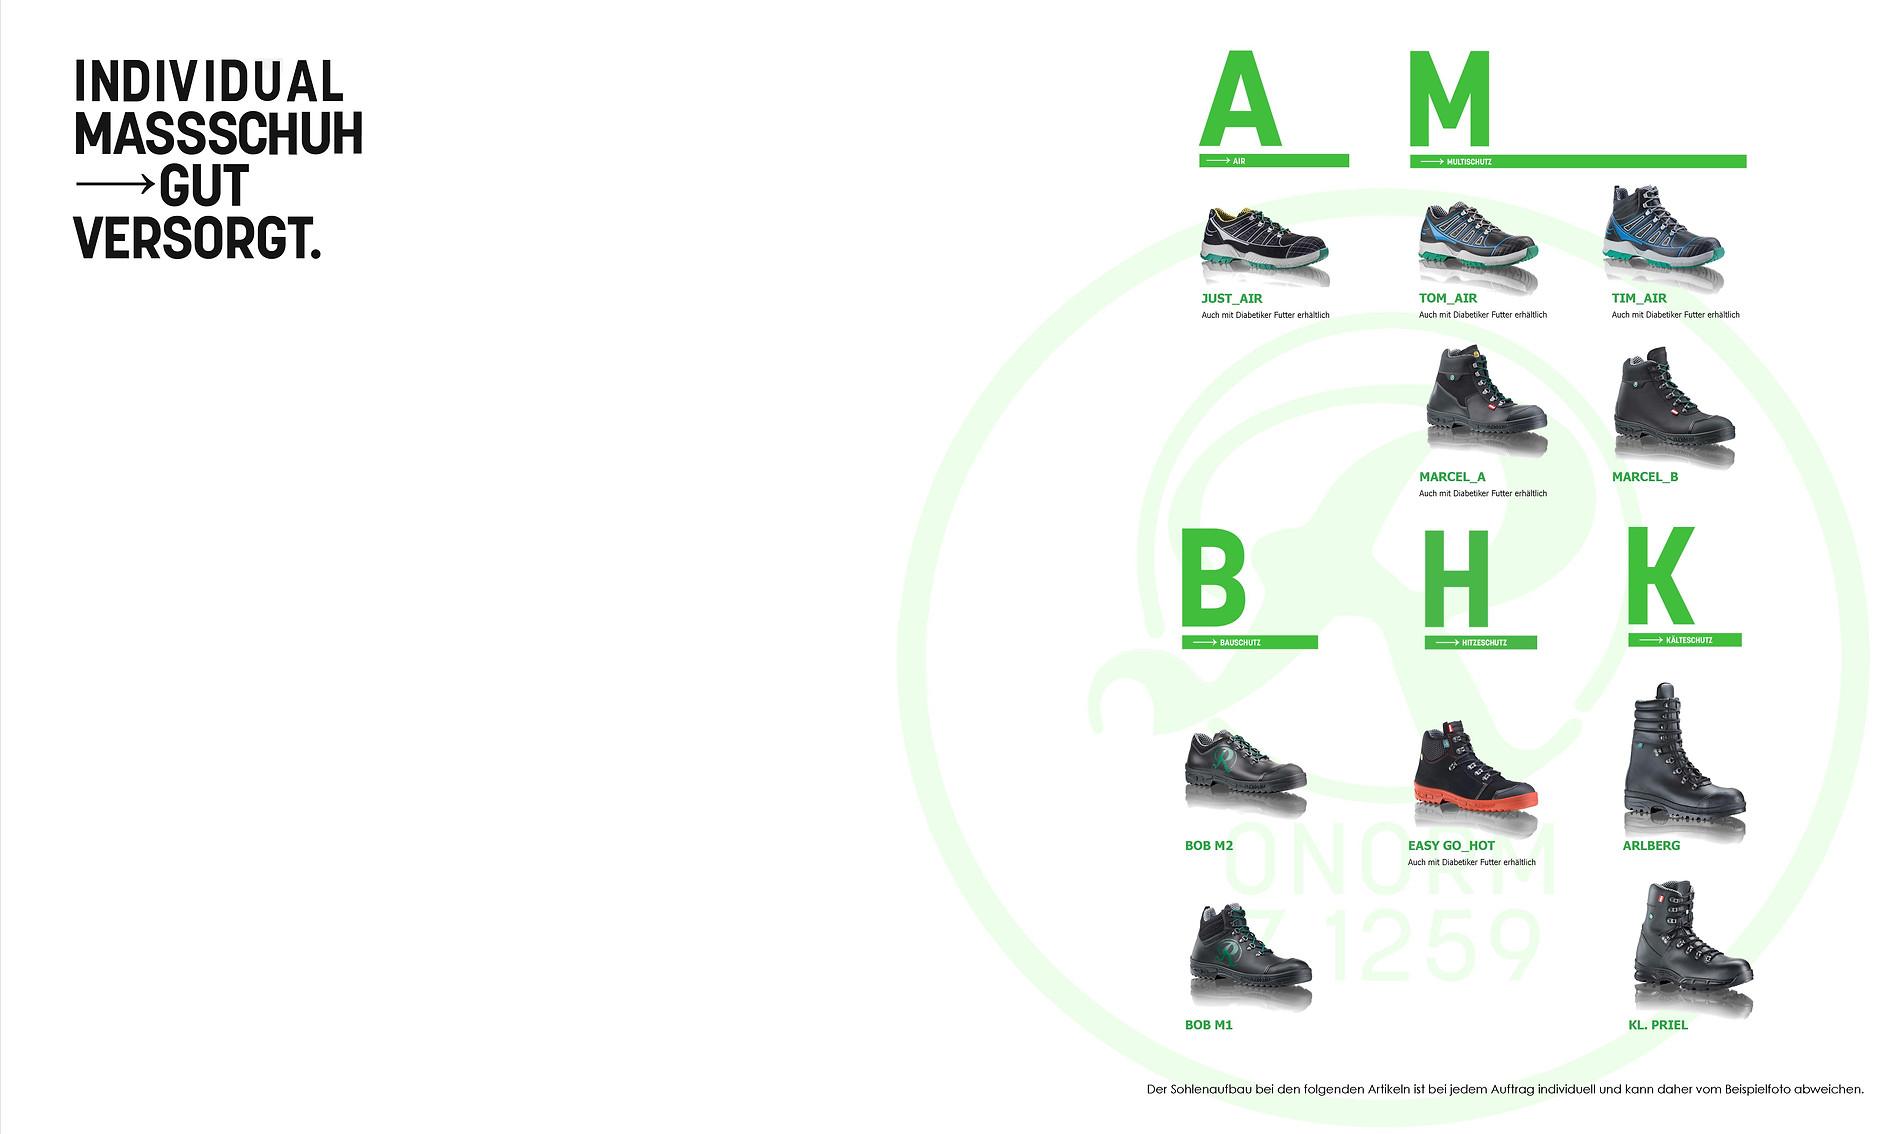 Variante C Basis mit Fotos Schuhe.jpg